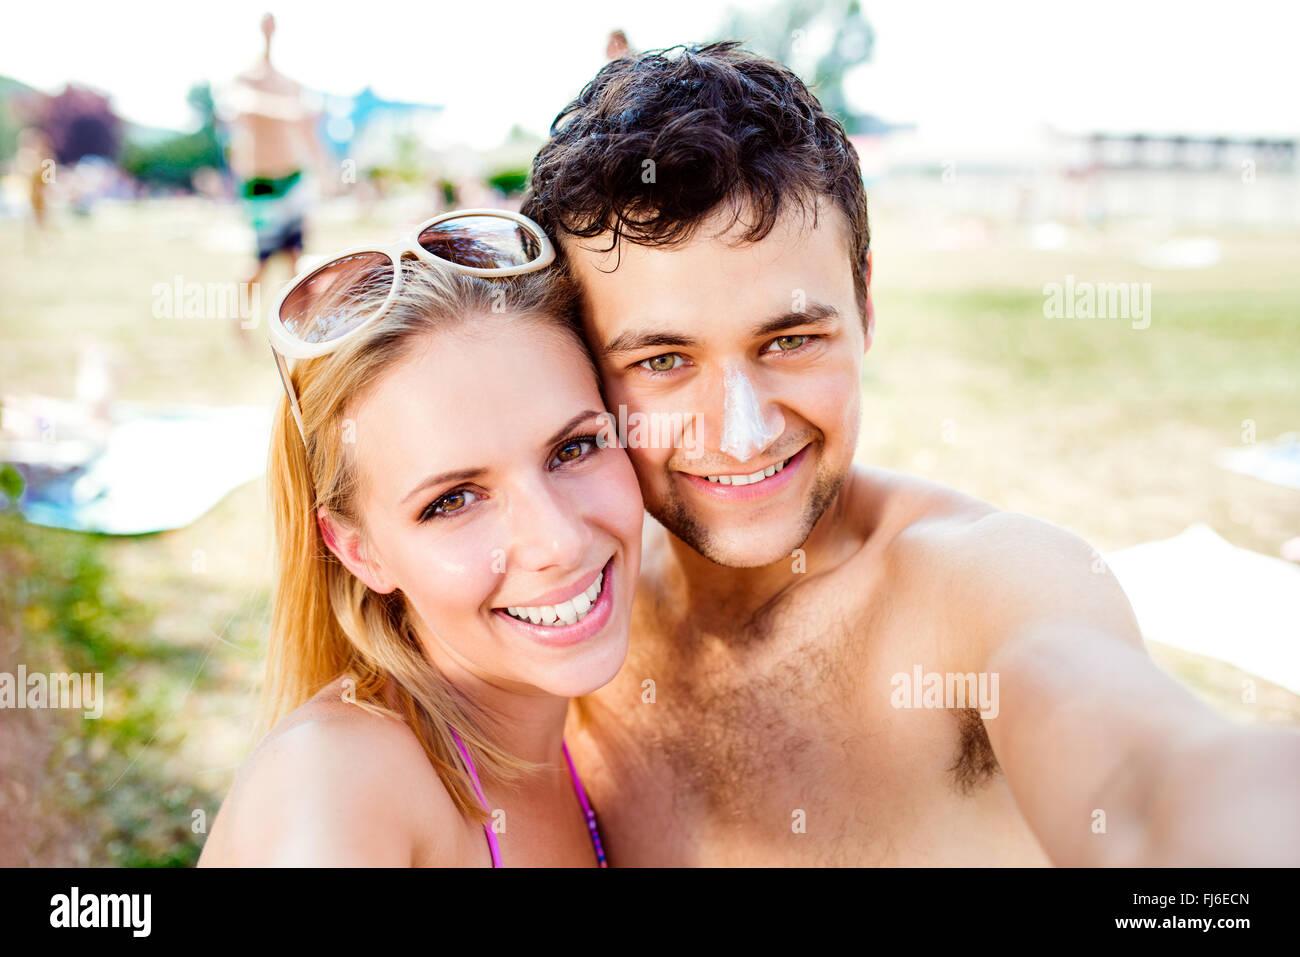 Pareja joven tomando el sol, tomando selfie. Protección solar en la nariz. Imagen De Stock